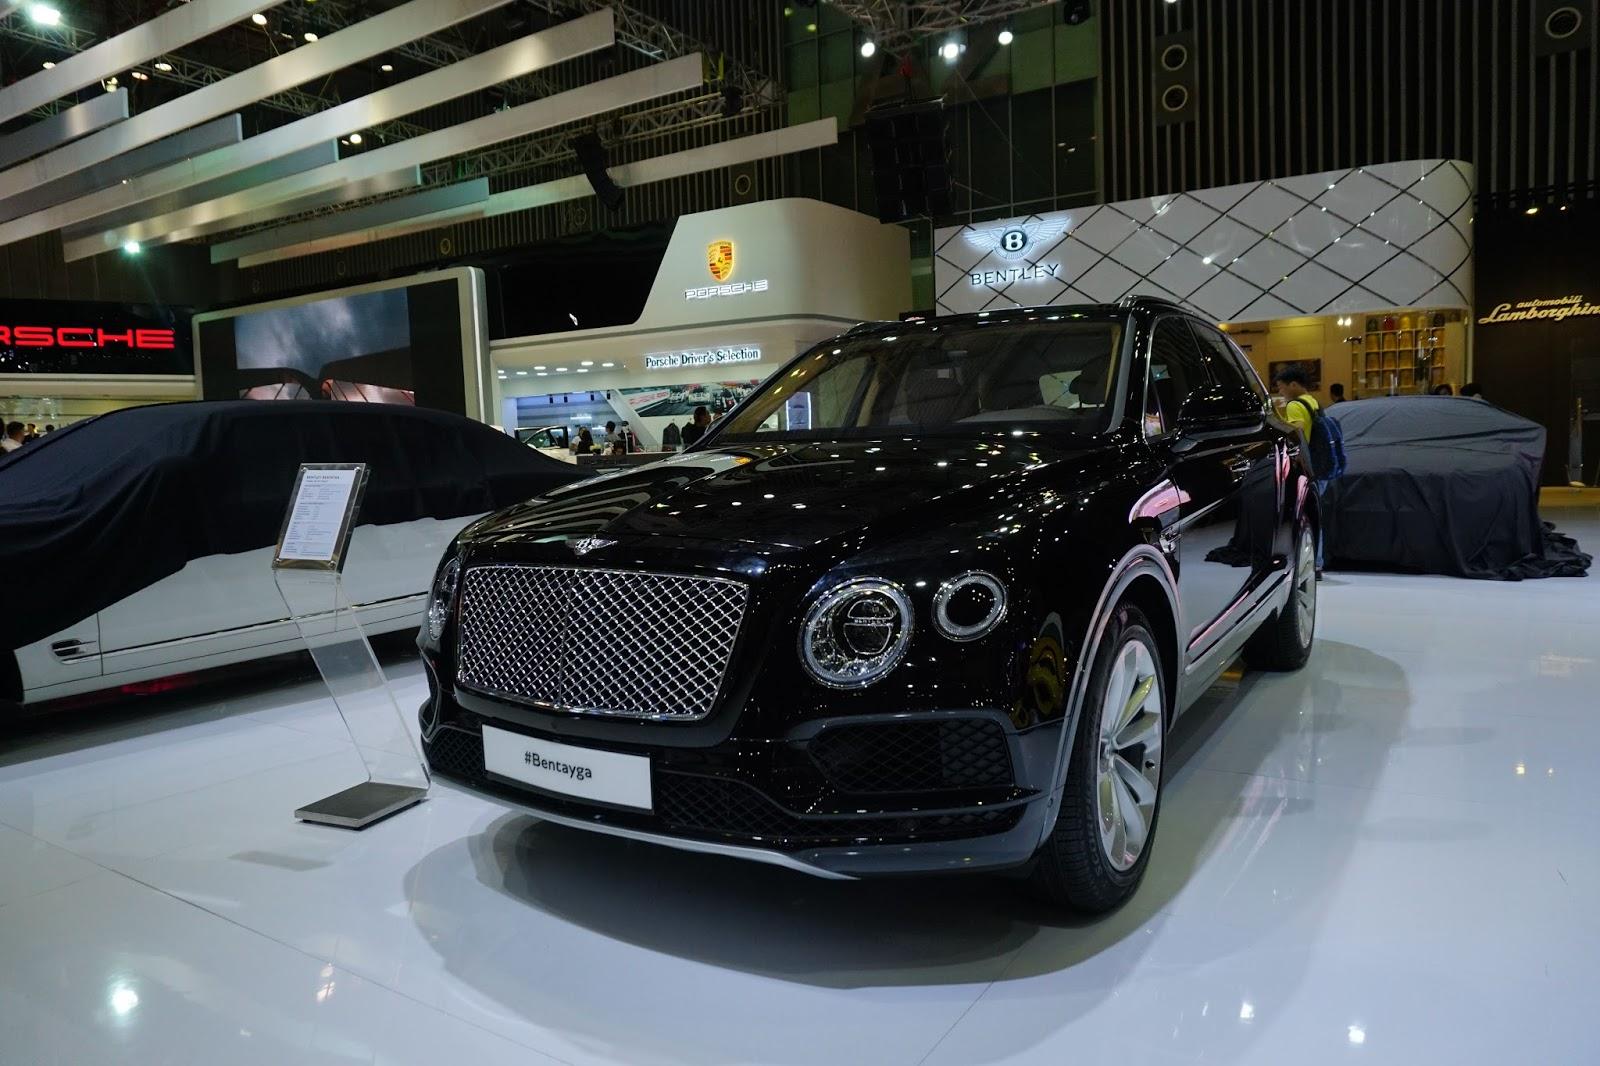 Đầu xe đậm chất Bentley với lưới mạ crom sáng bóng, đèn có khả năng tự rửa